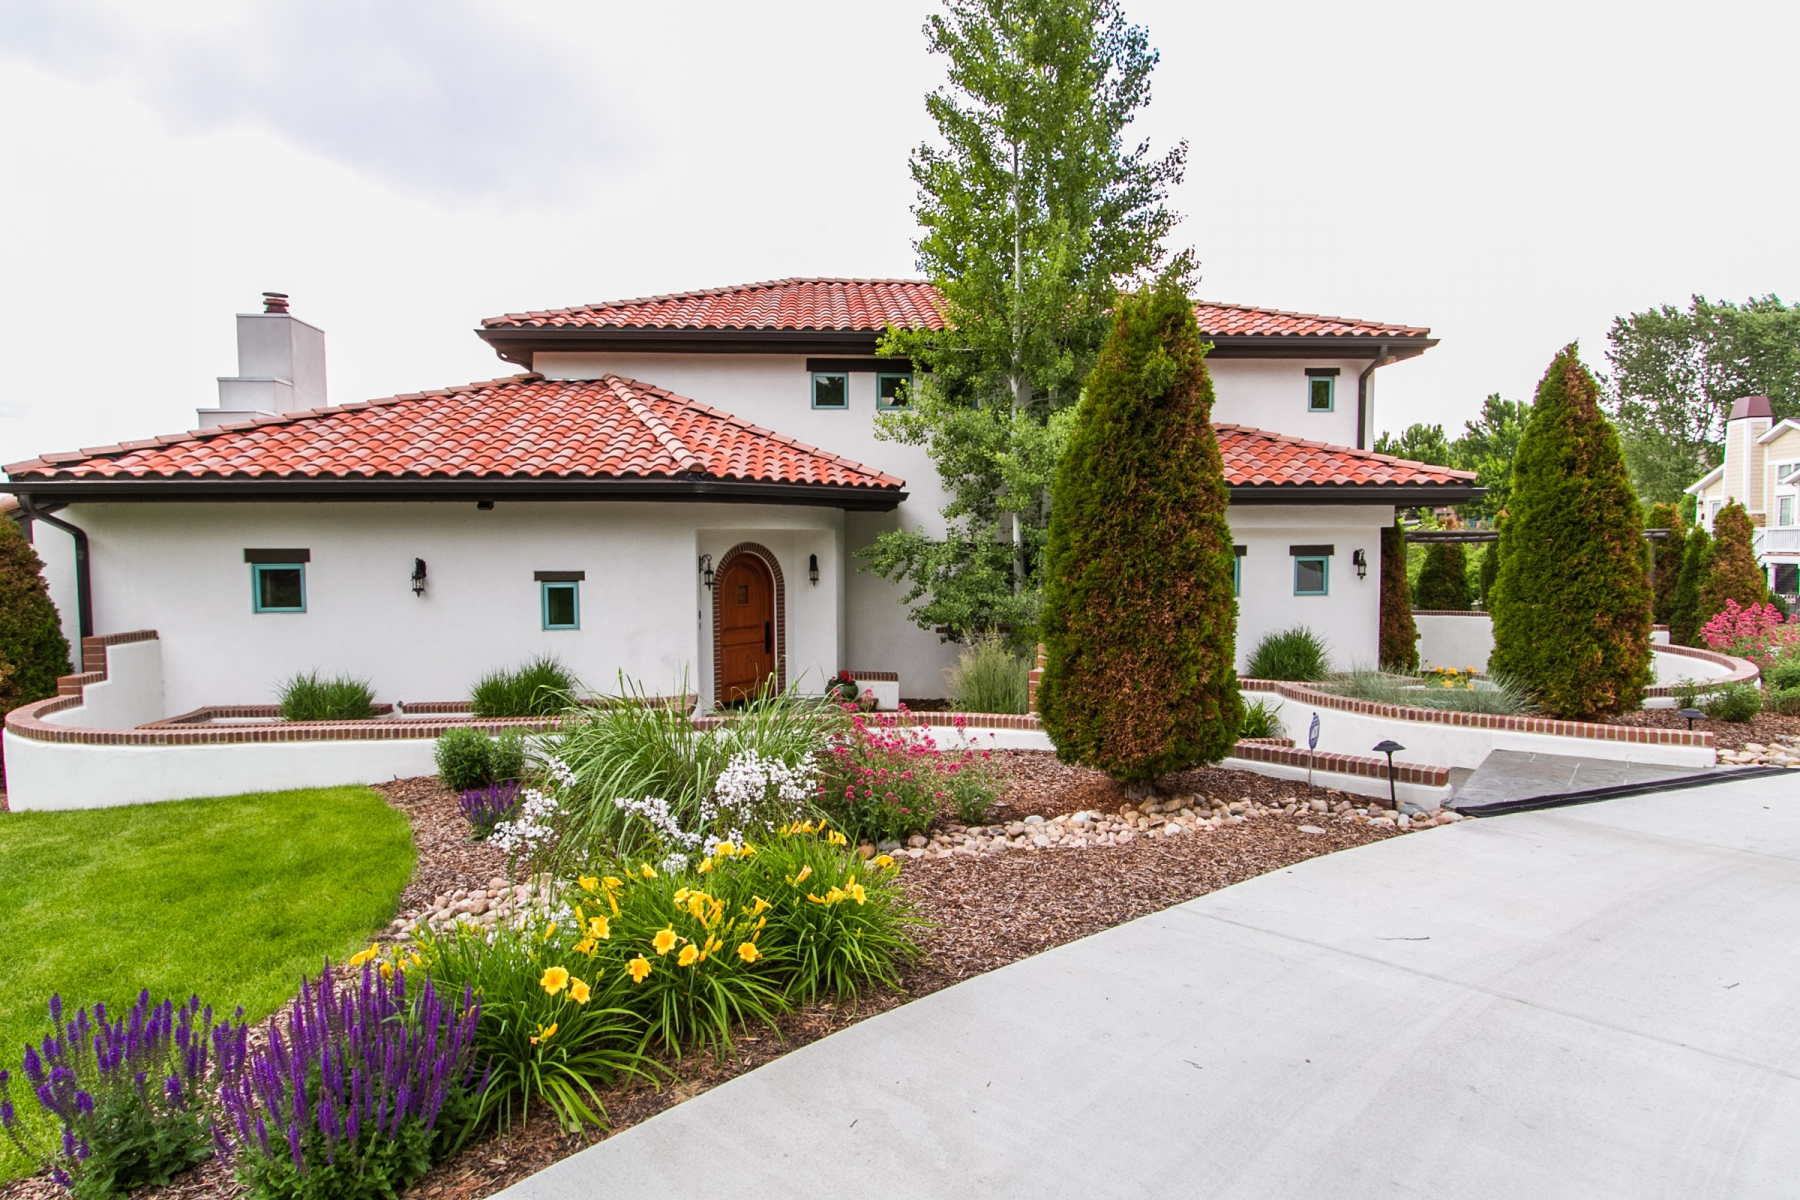 一戸建て のために 売買 アット Custom - Spanish Mediterranean Style! 6301 East Crestline Avenue Greenwood Village, コロラド 80111 アメリカ合衆国